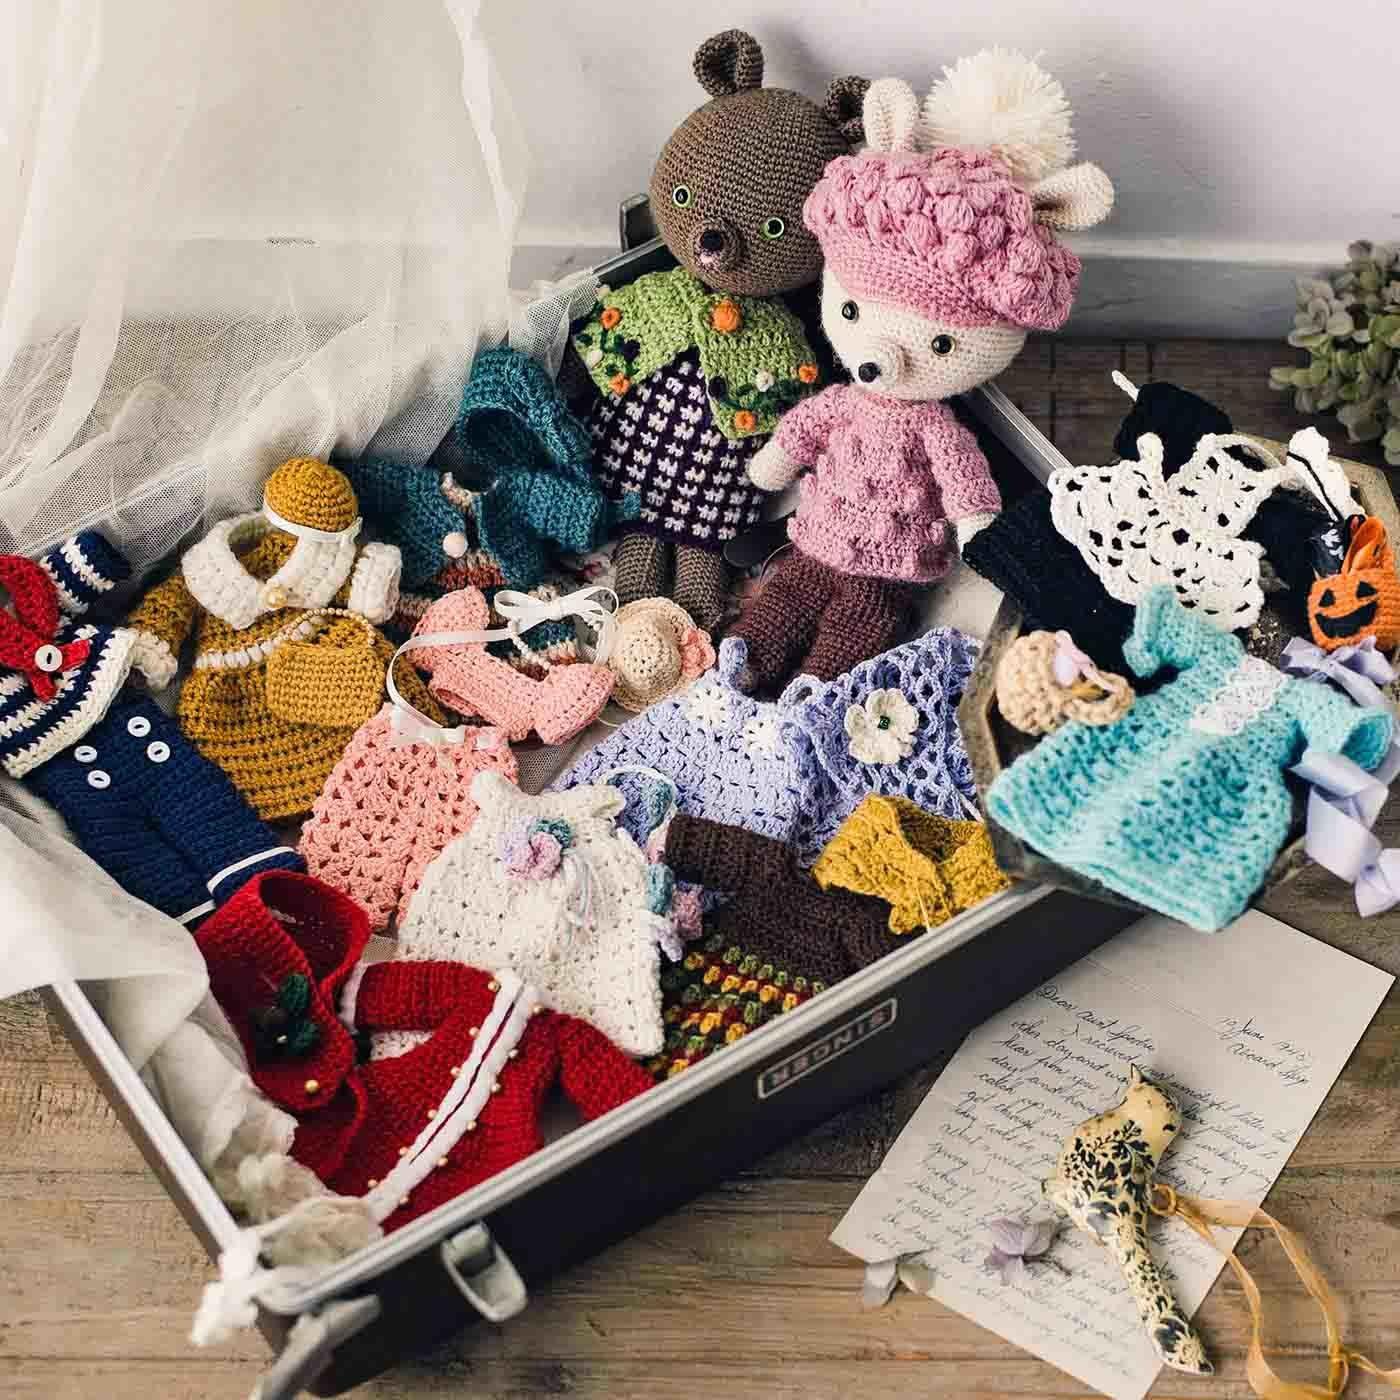 ニットデザイナー気分で12ヵ月をコーディネイト かぎ針編みの着せ替えお洋服の会(期間予約)